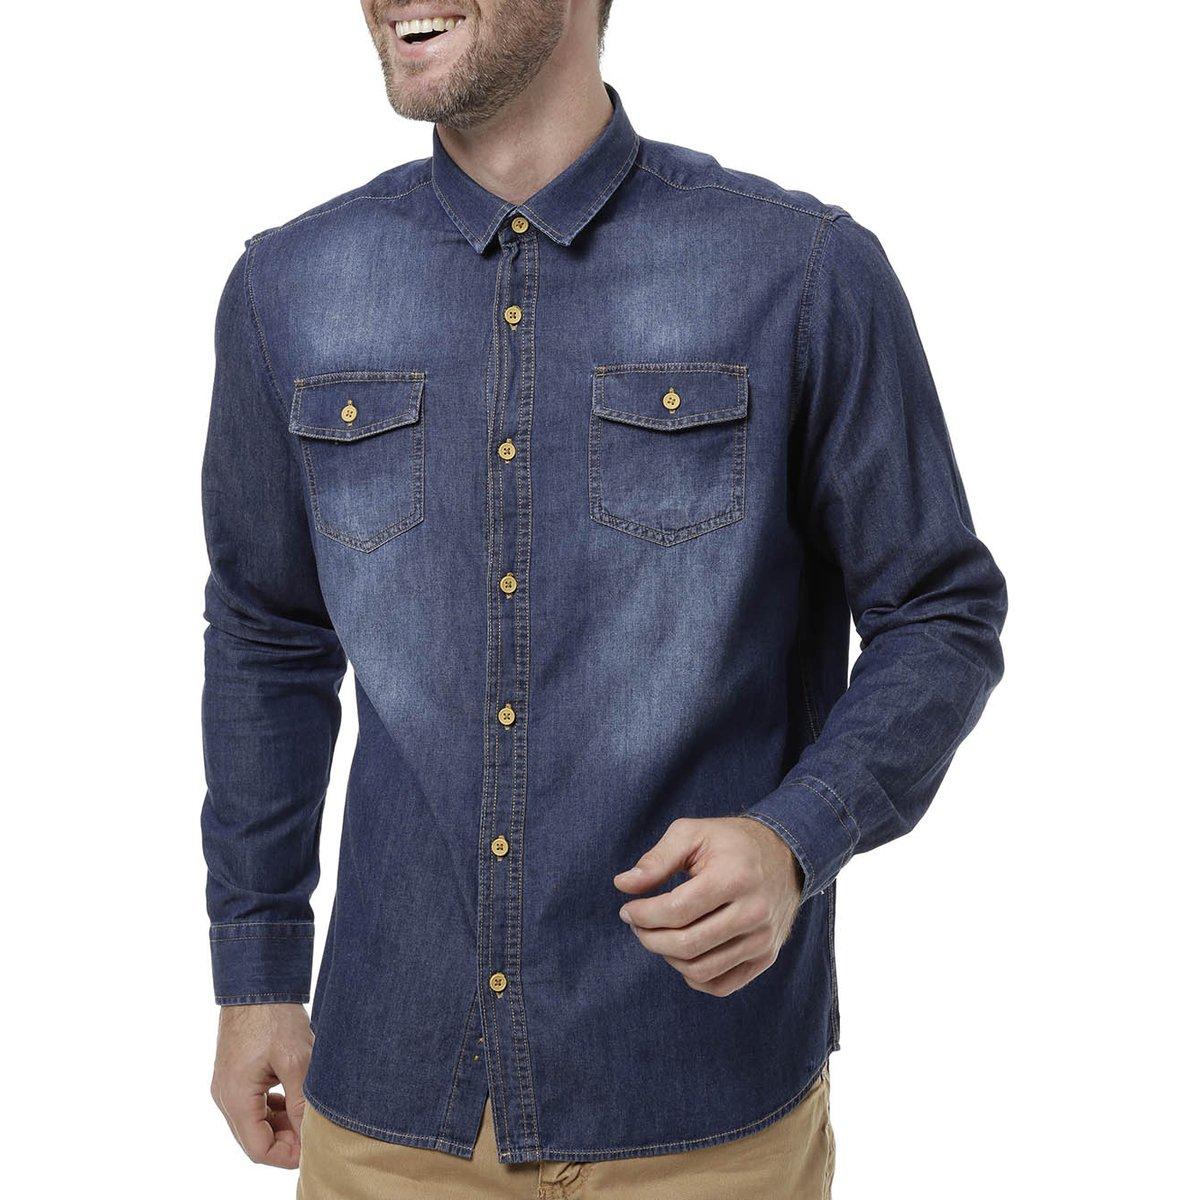 Camisa Jeans Manga Longa Masculina Azul escuro - Compre Agora  d9f1037d321